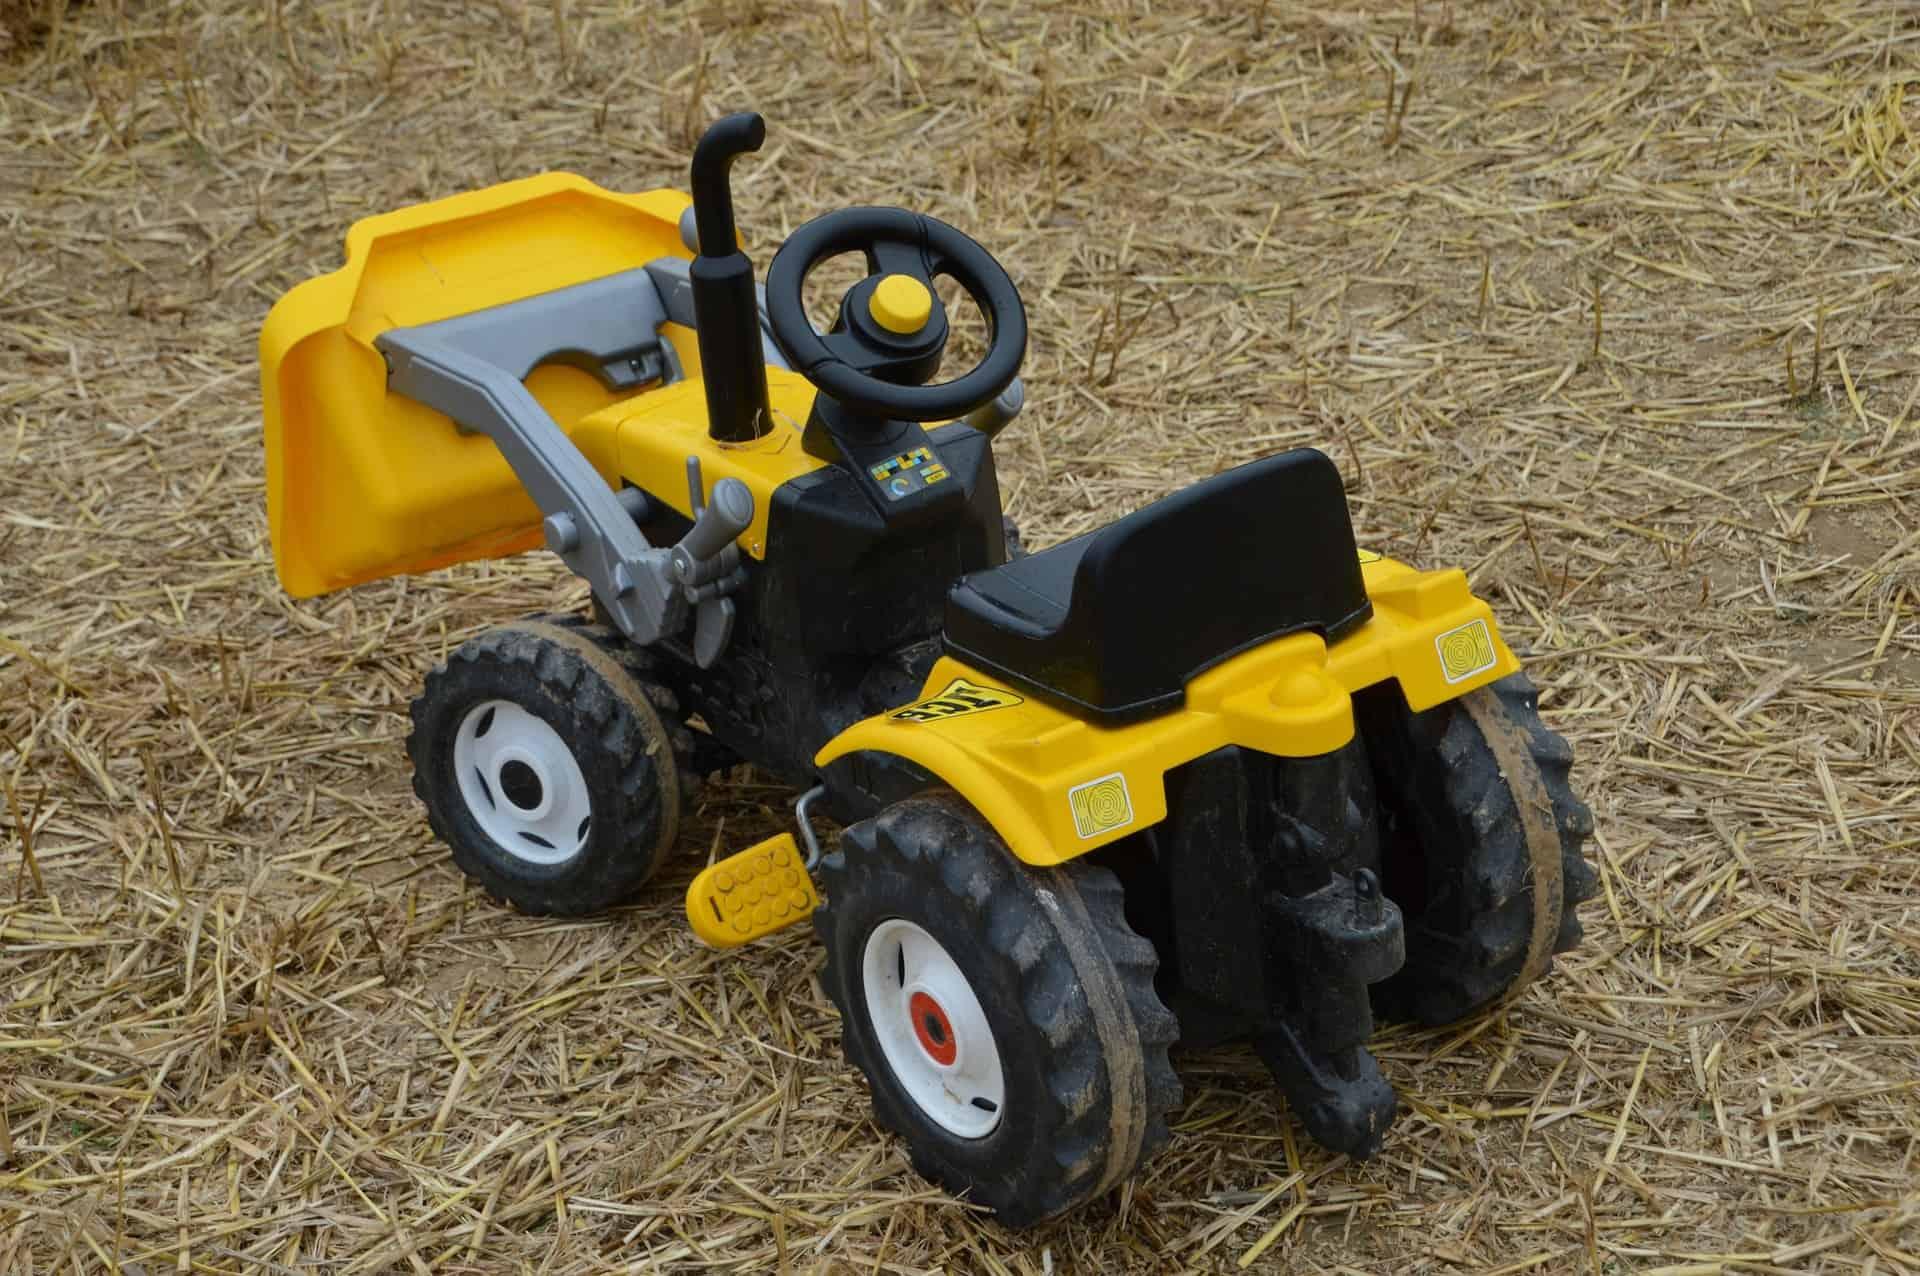 Imagem mostra um trator de brinquedo na grama.